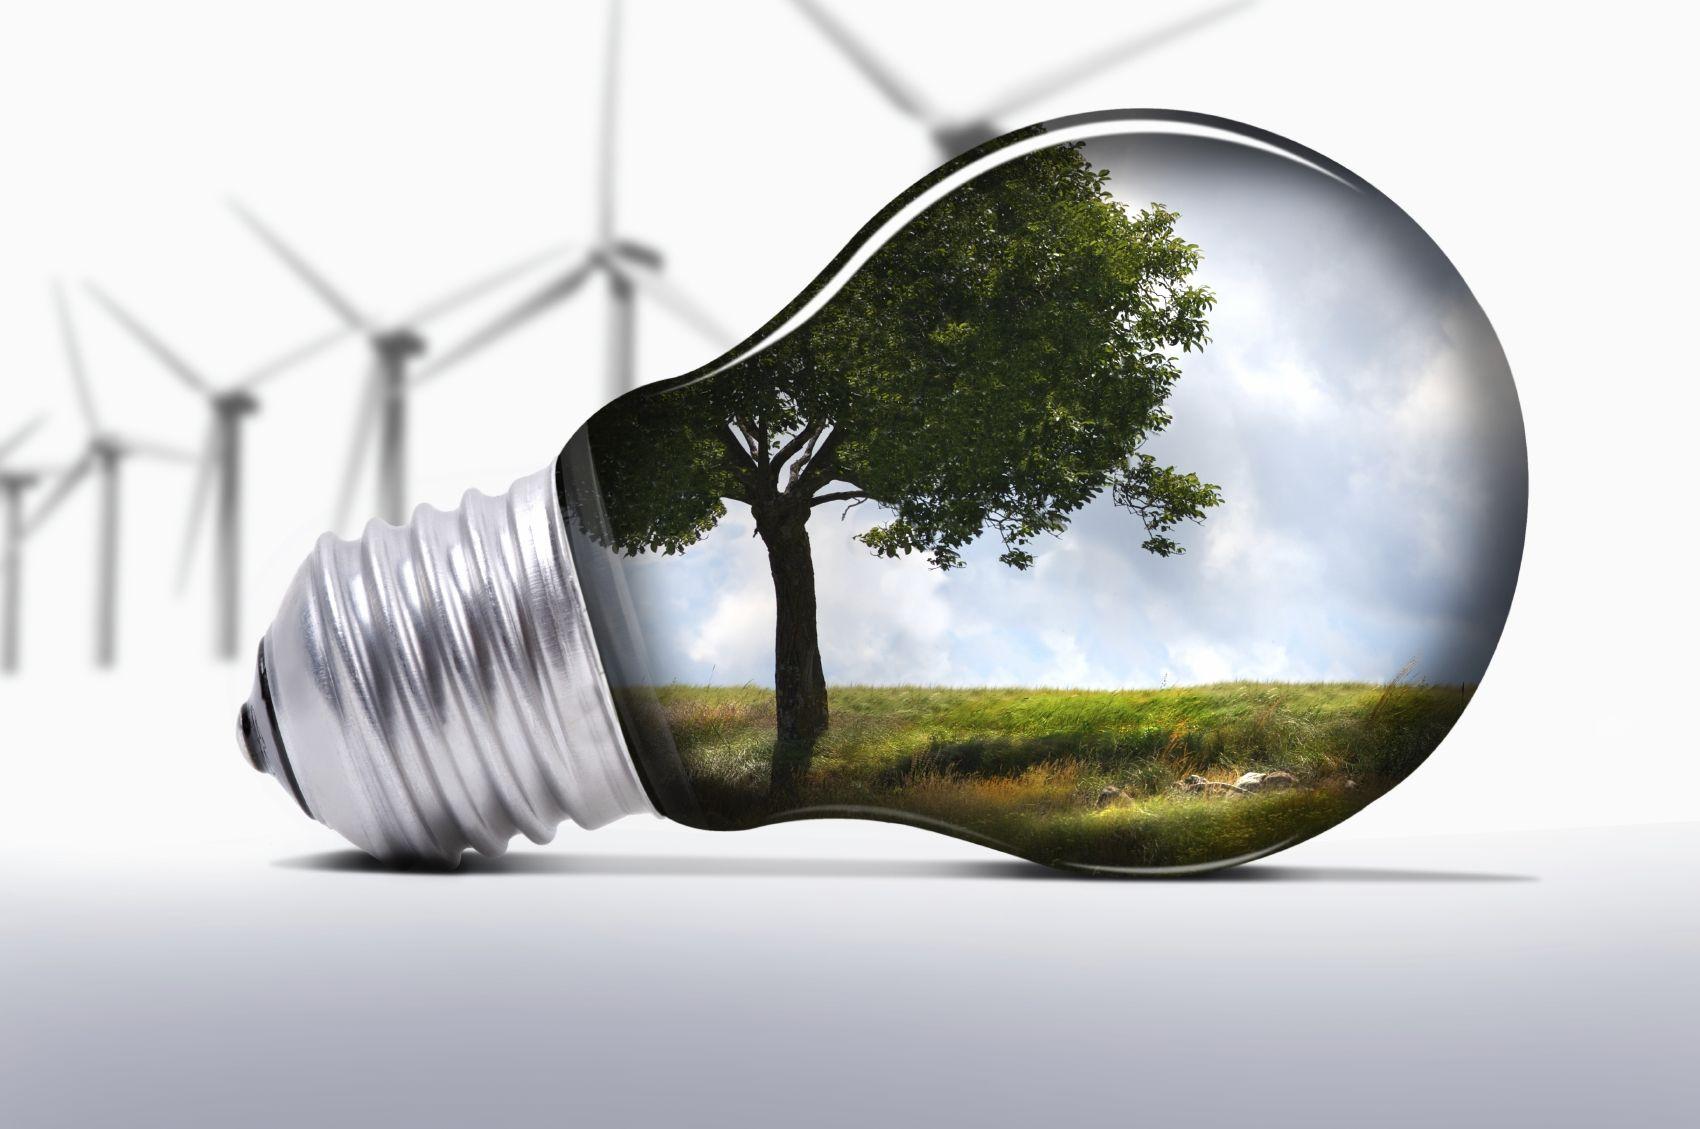 Μεγάλο ενδιαφέρον στην Αλεξανδρούπολη για τους ενεργειακούς συνεταιρισμούς